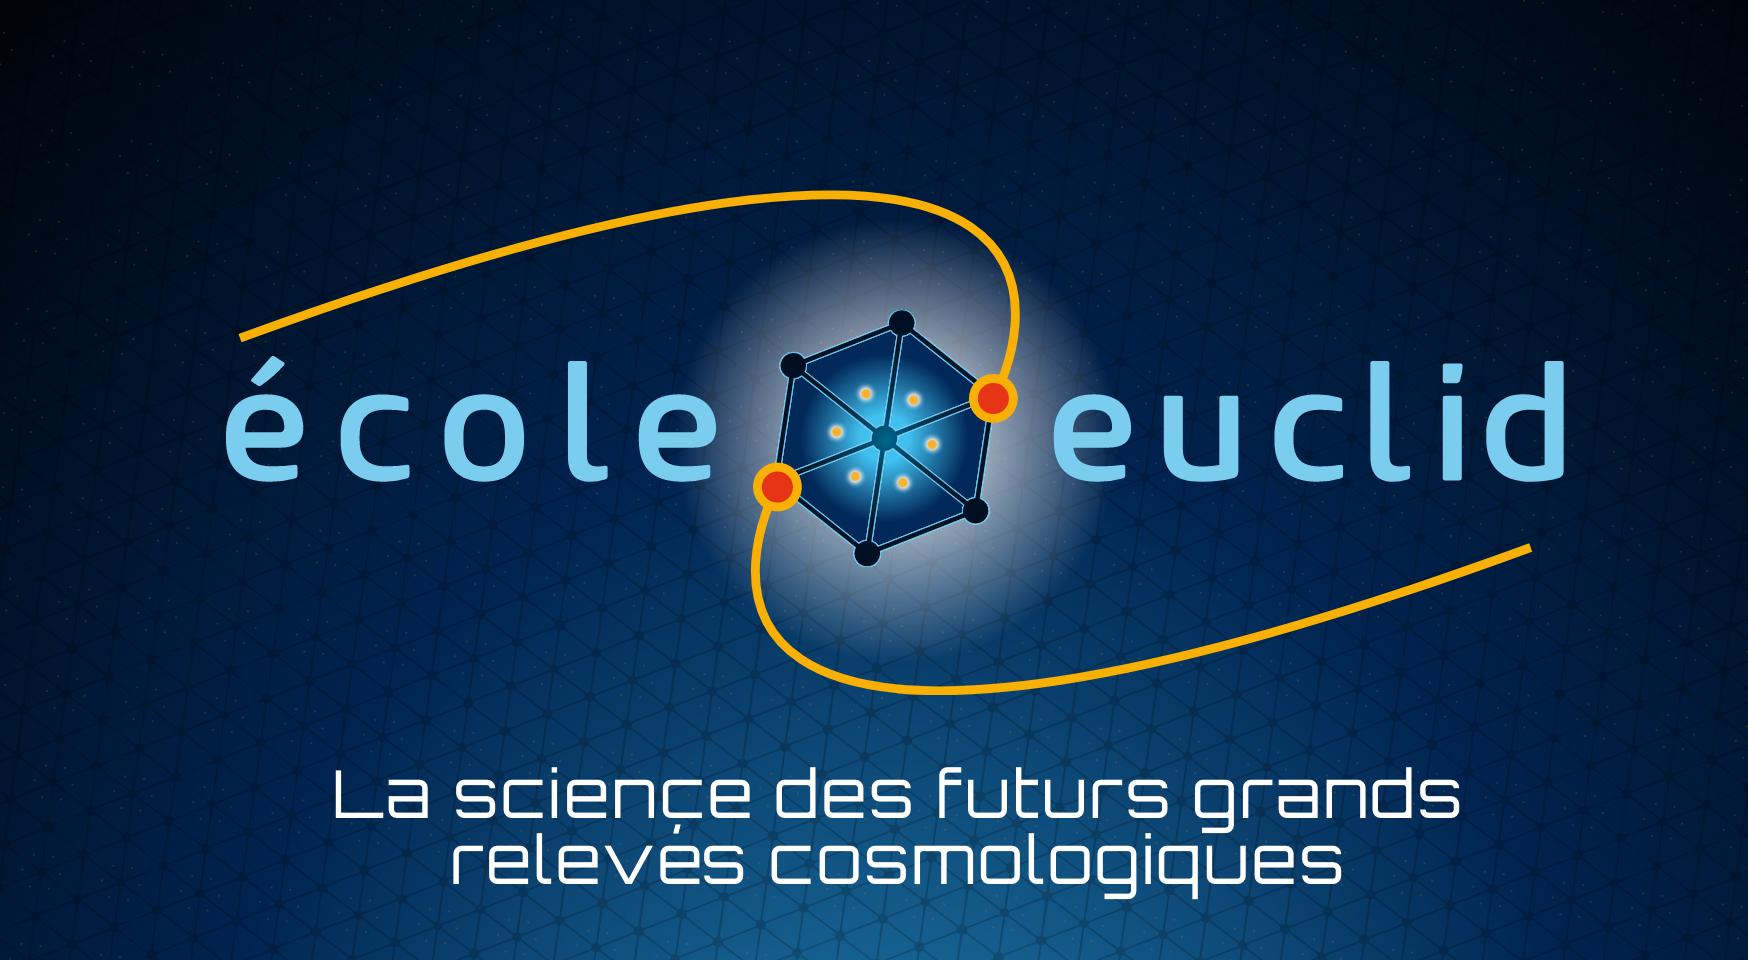 École Euclid de cosmologie 2018